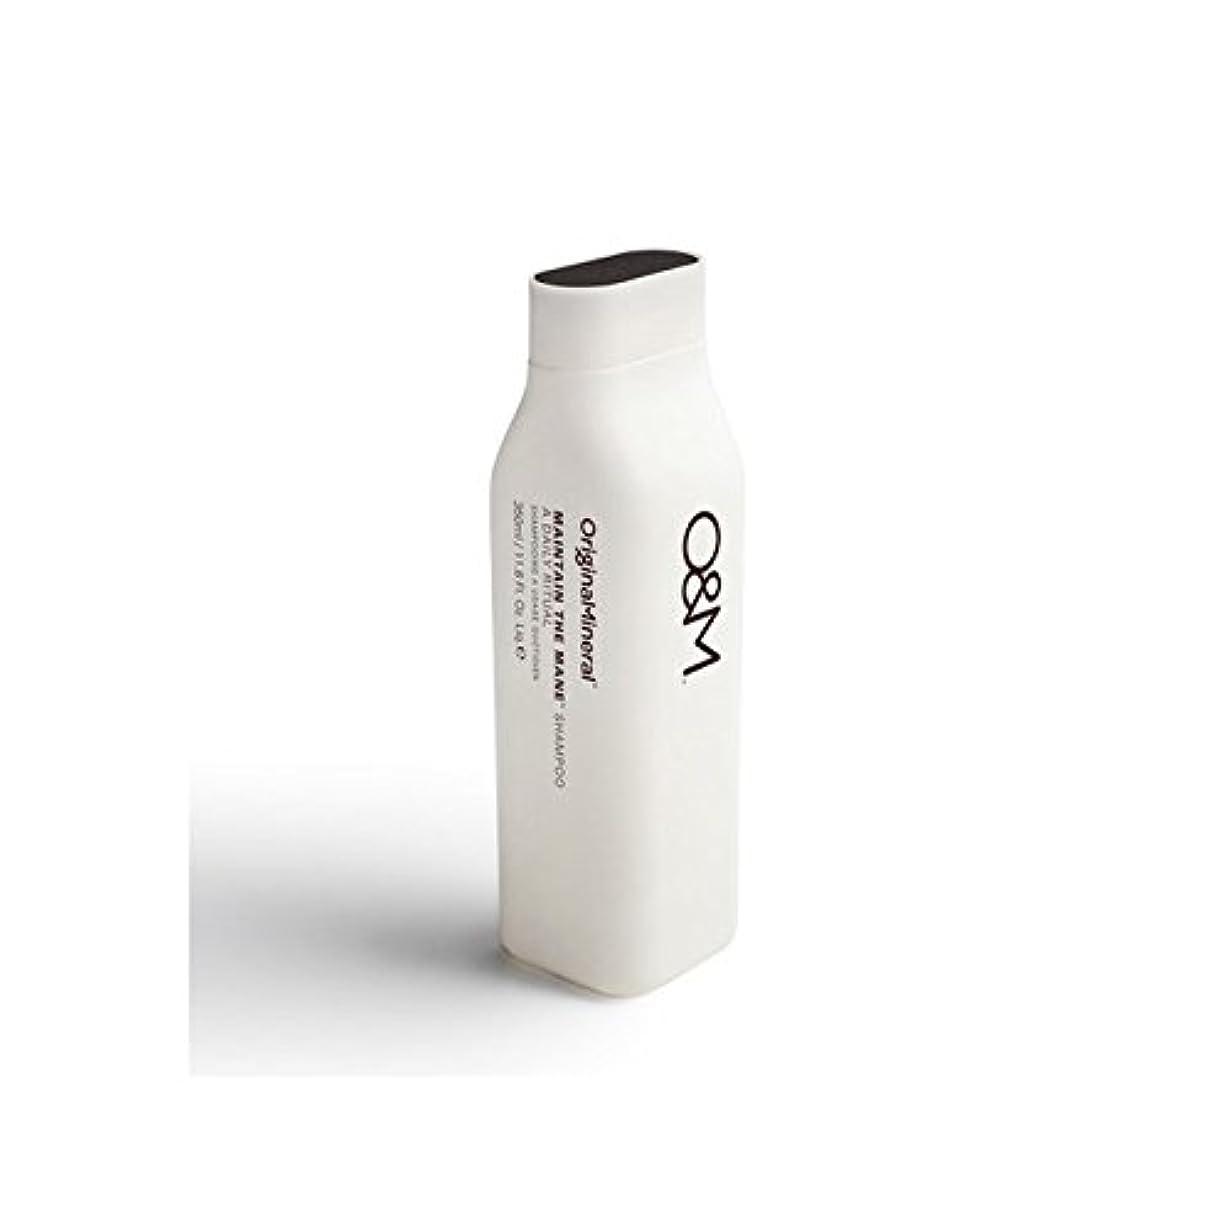 不振お手伝いさん看板Original & Mineral Maintain The Mane Shampoo (350ml) (Pack of 6) - オリジナル&ミネラルは、たてがみのシャンプー(350ミリリットル)を維持 x6 [並行輸入品]